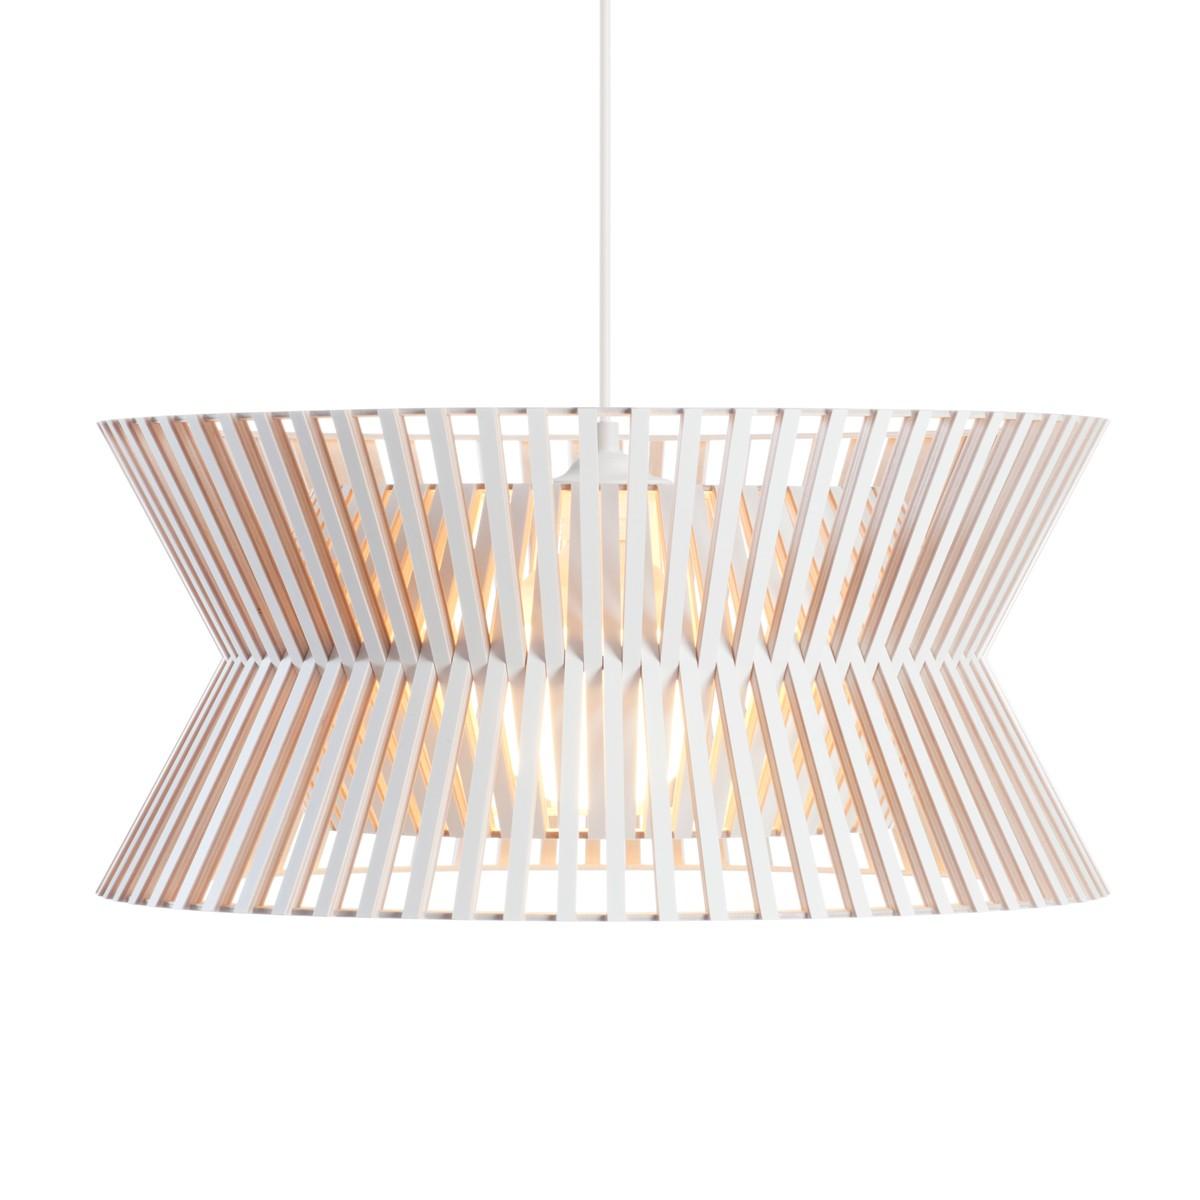 Secto Design Kontro 6000 Pendelleuchte, weiß laminiert, Kabel: weiß